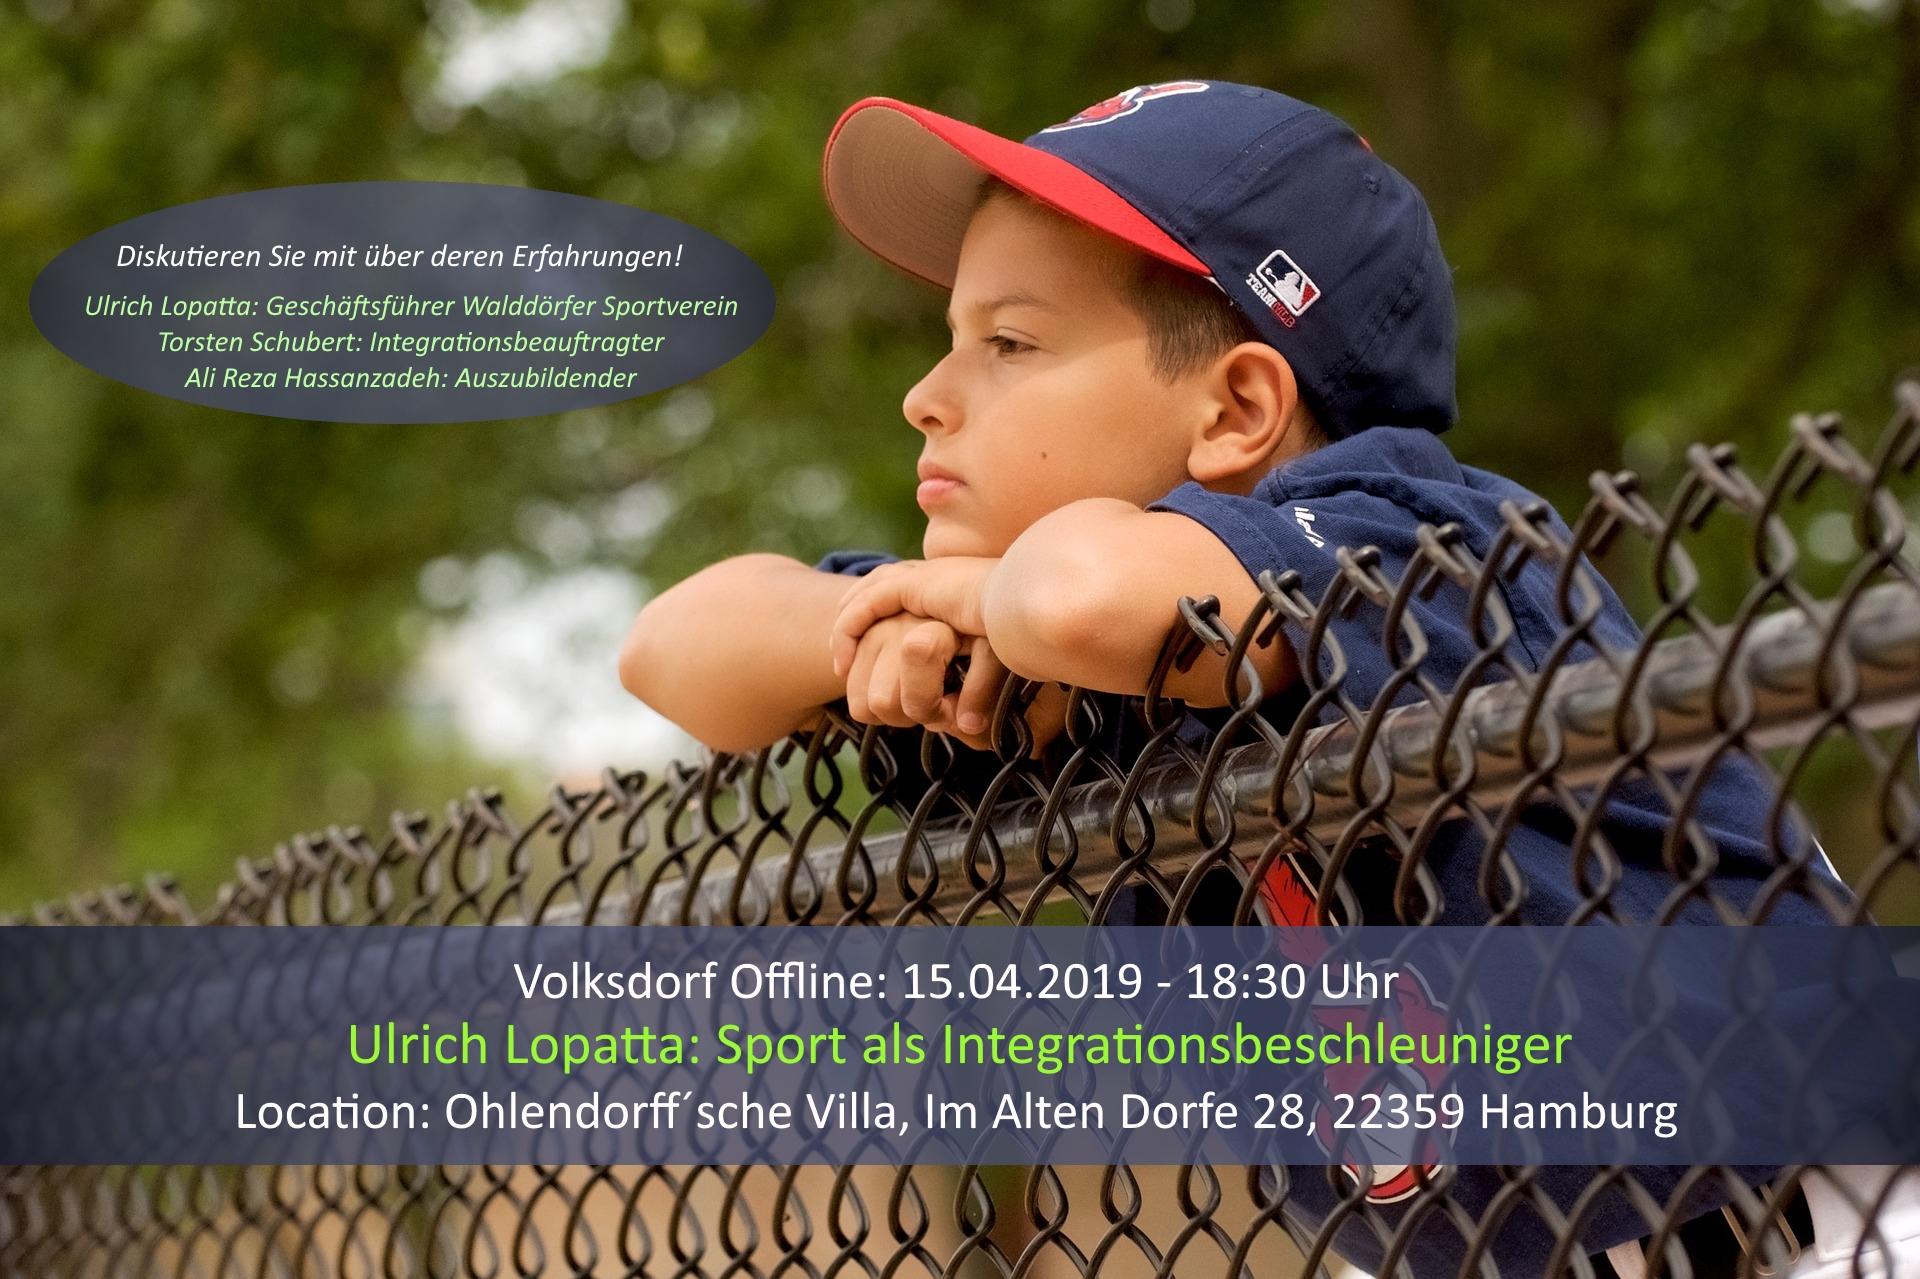 Ulrich Lopatta Sport als Integrationsbeschleuniger